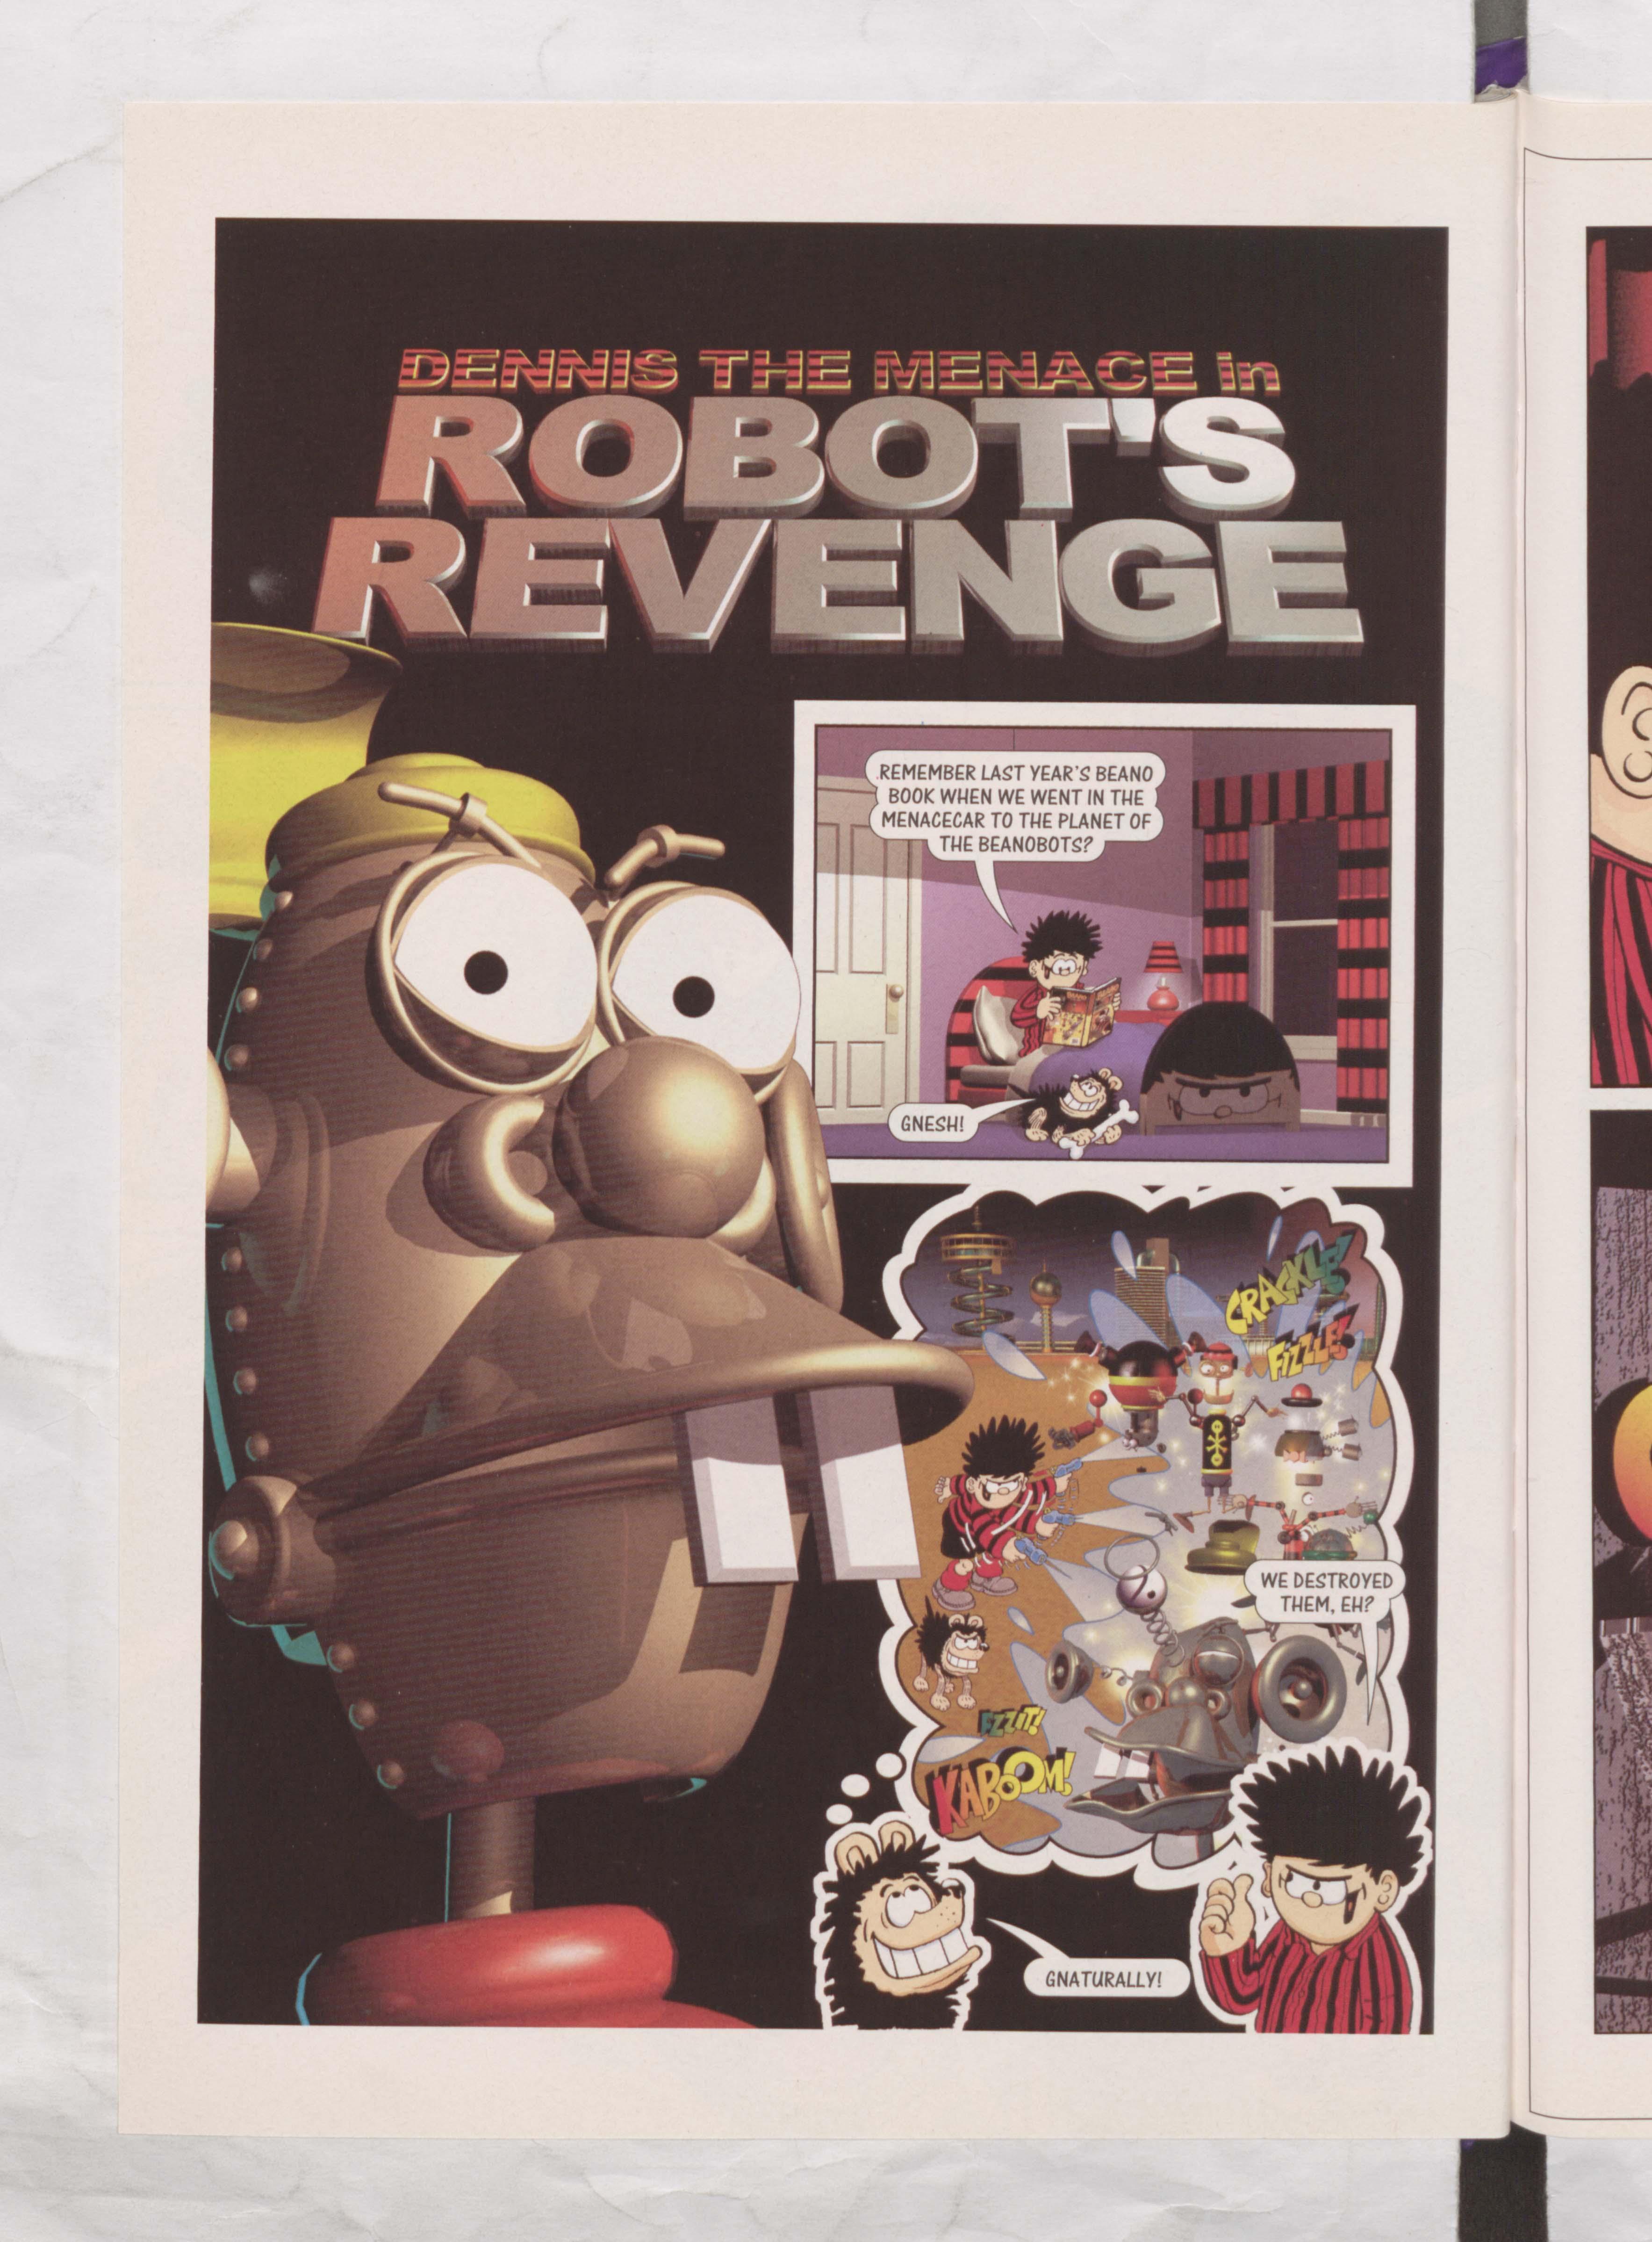 Robot's Revenge - Beano Book 2002